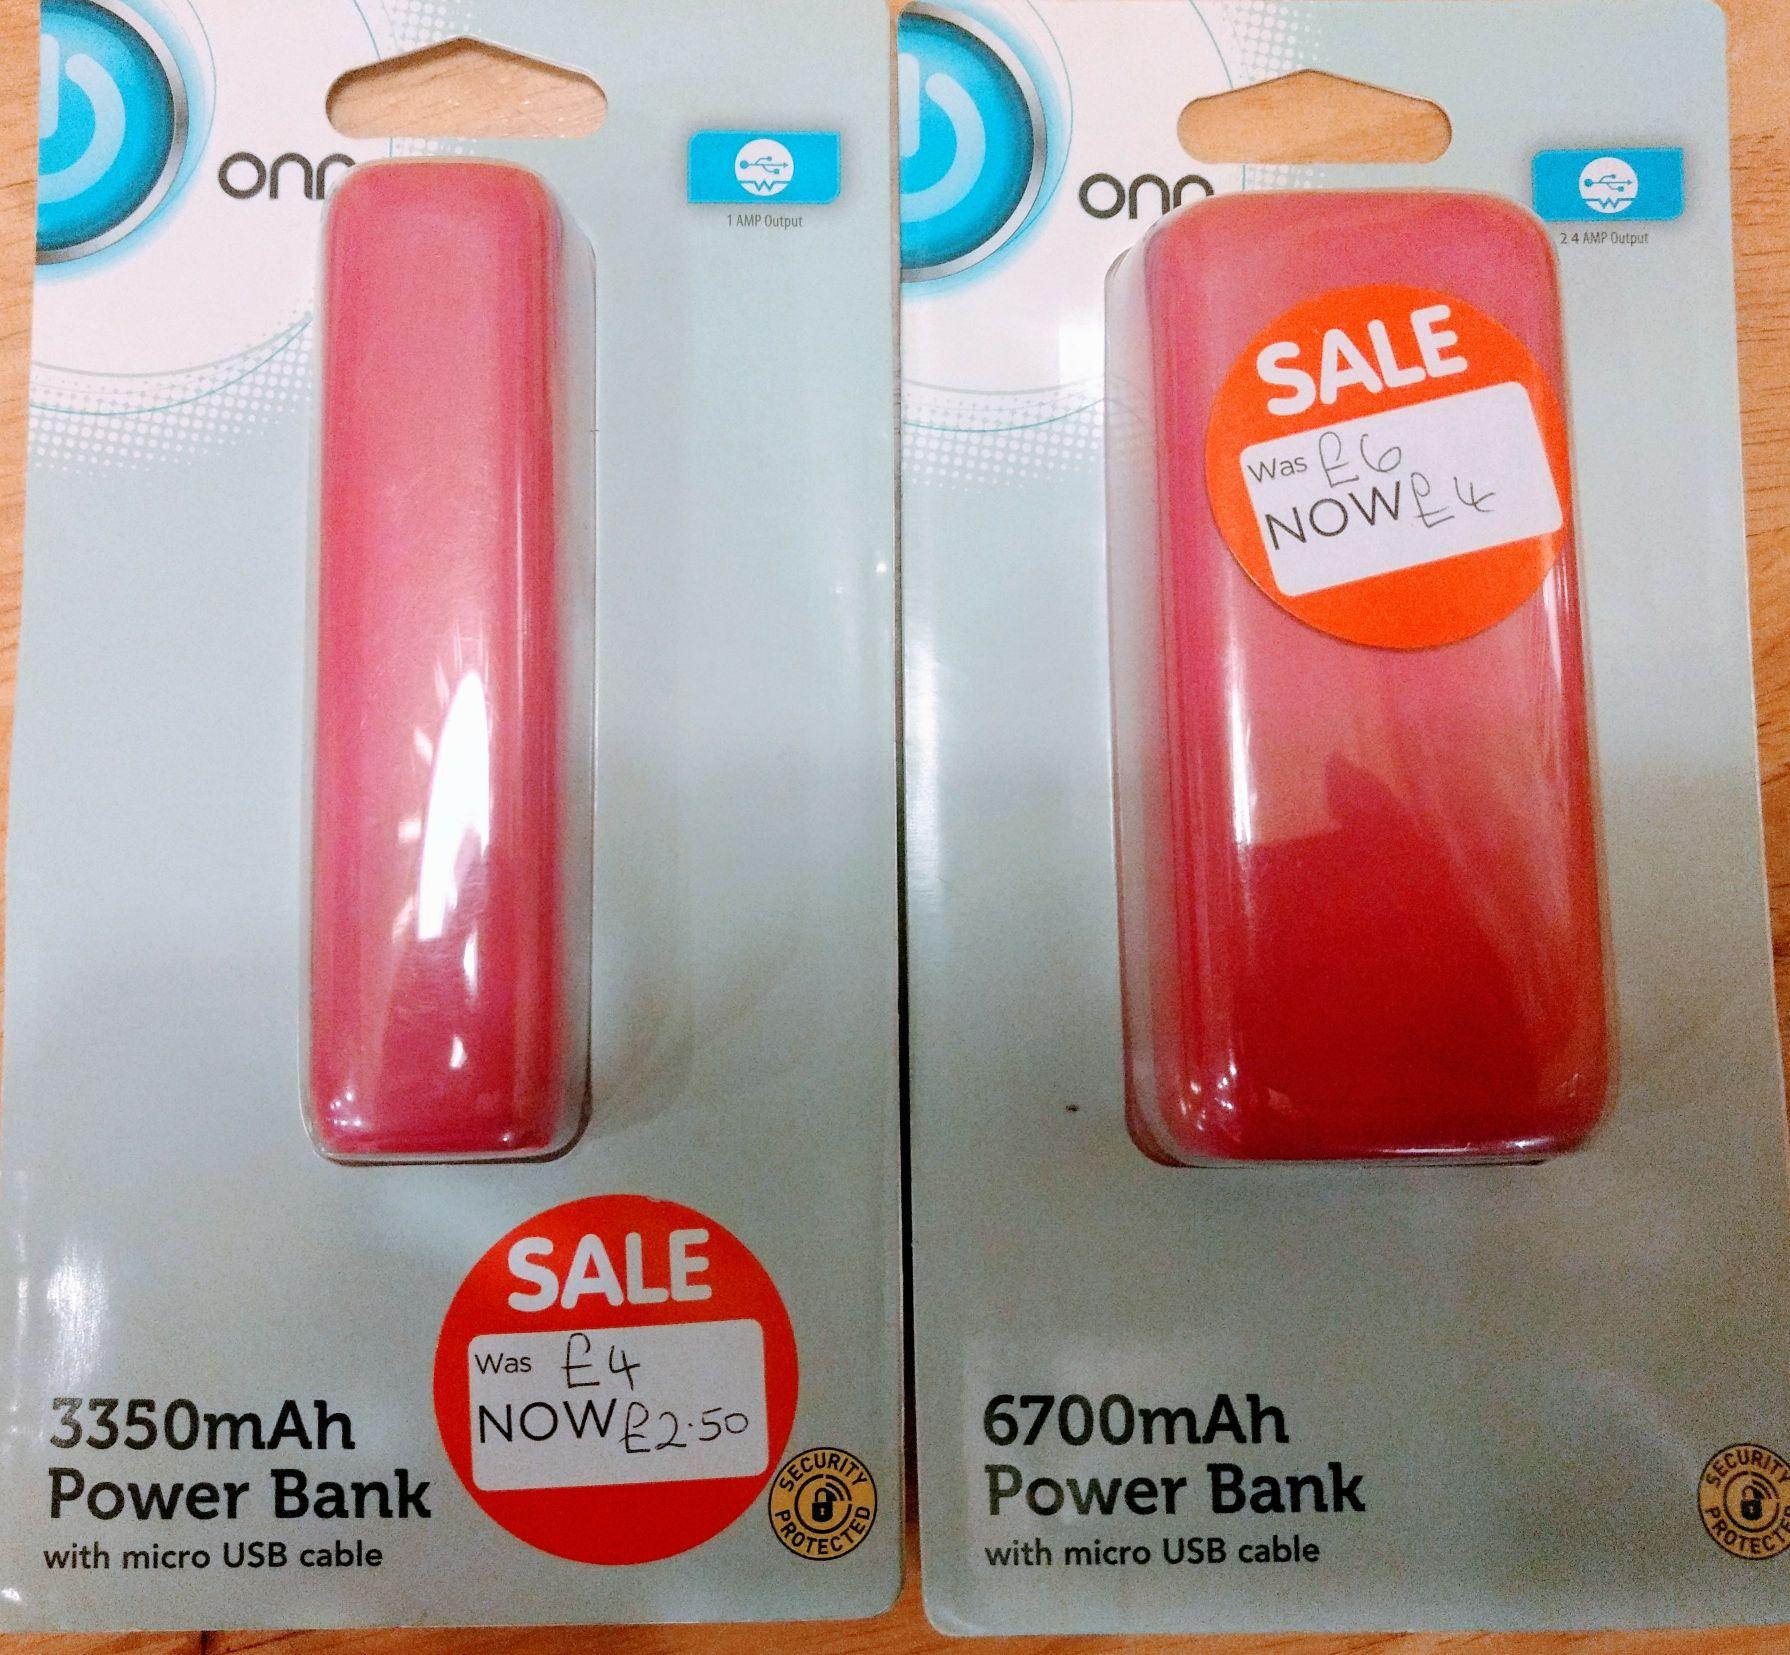 Clearance Asda pink Onn powerbanks instore. 3350mah £2.50 6700 mah £4